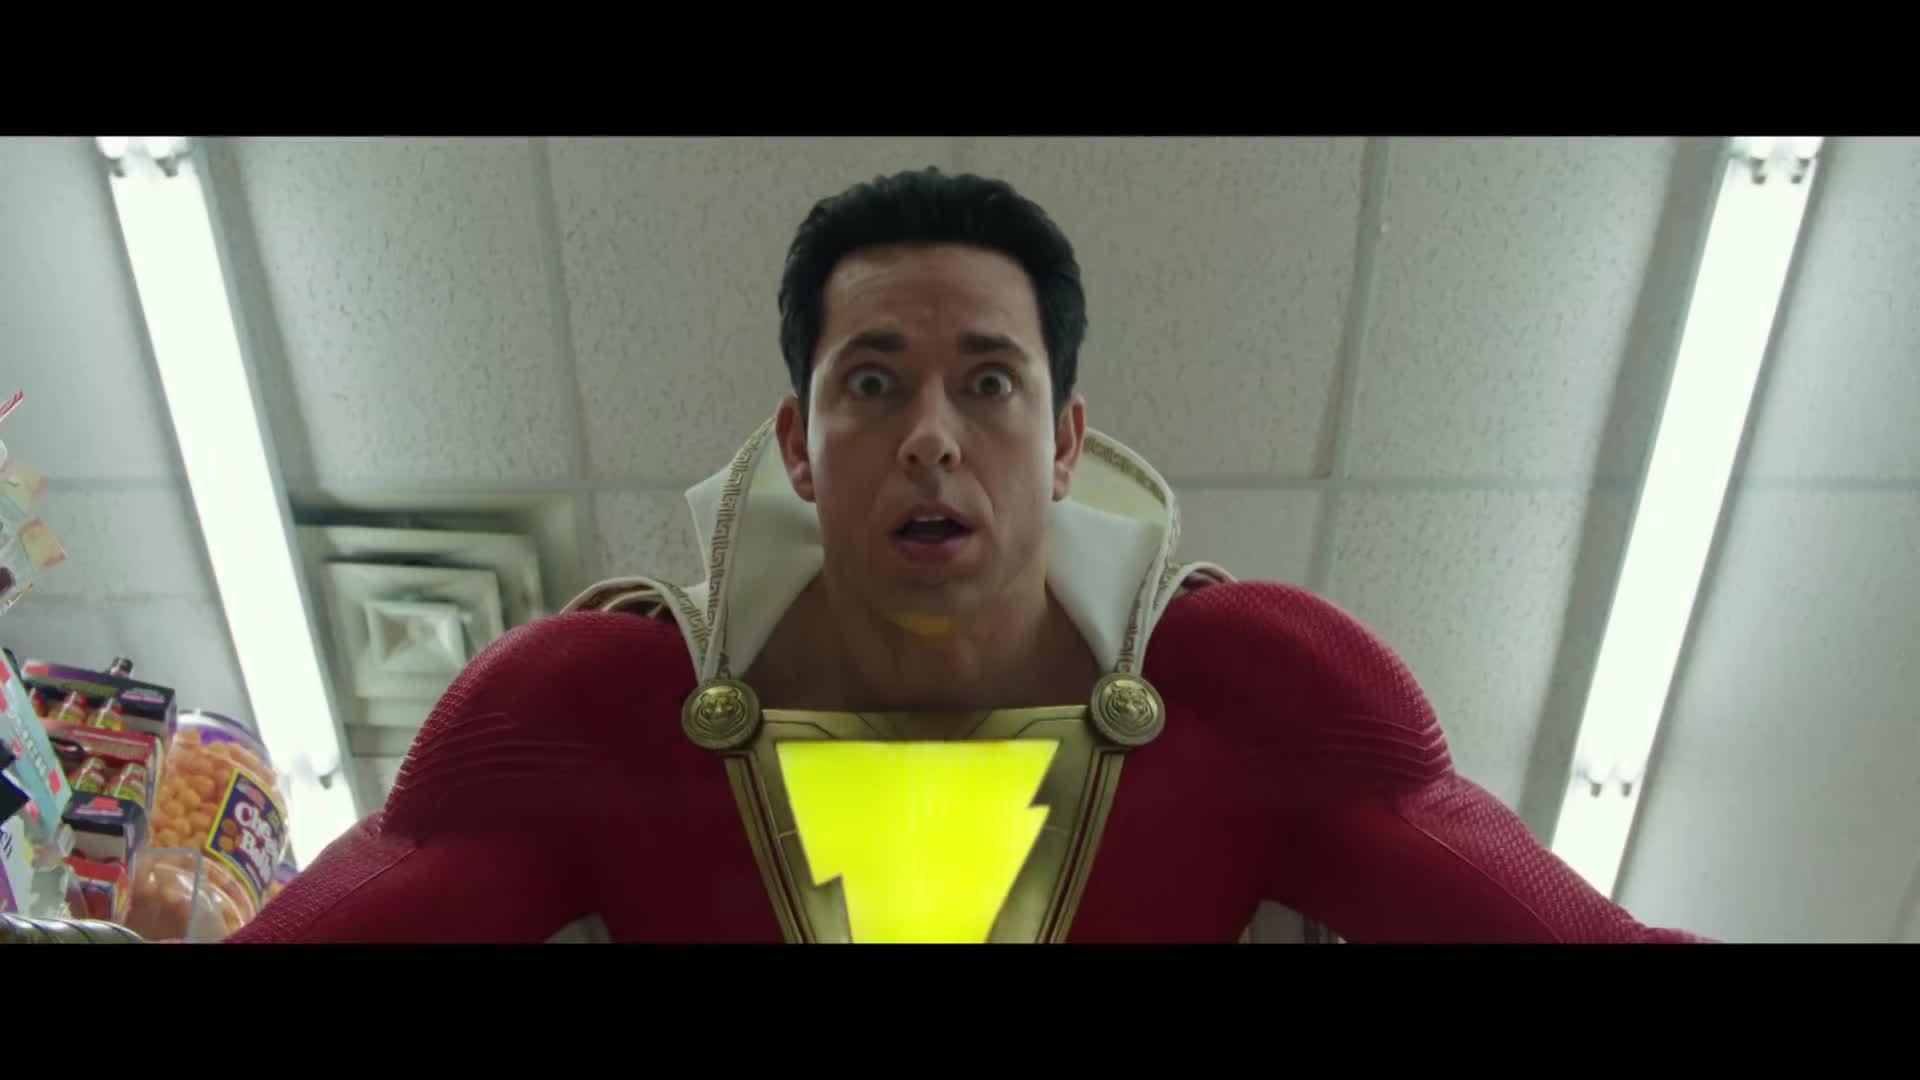 Cậu bé mồ côi hóa người hùng cơ bắp trong phim của DC